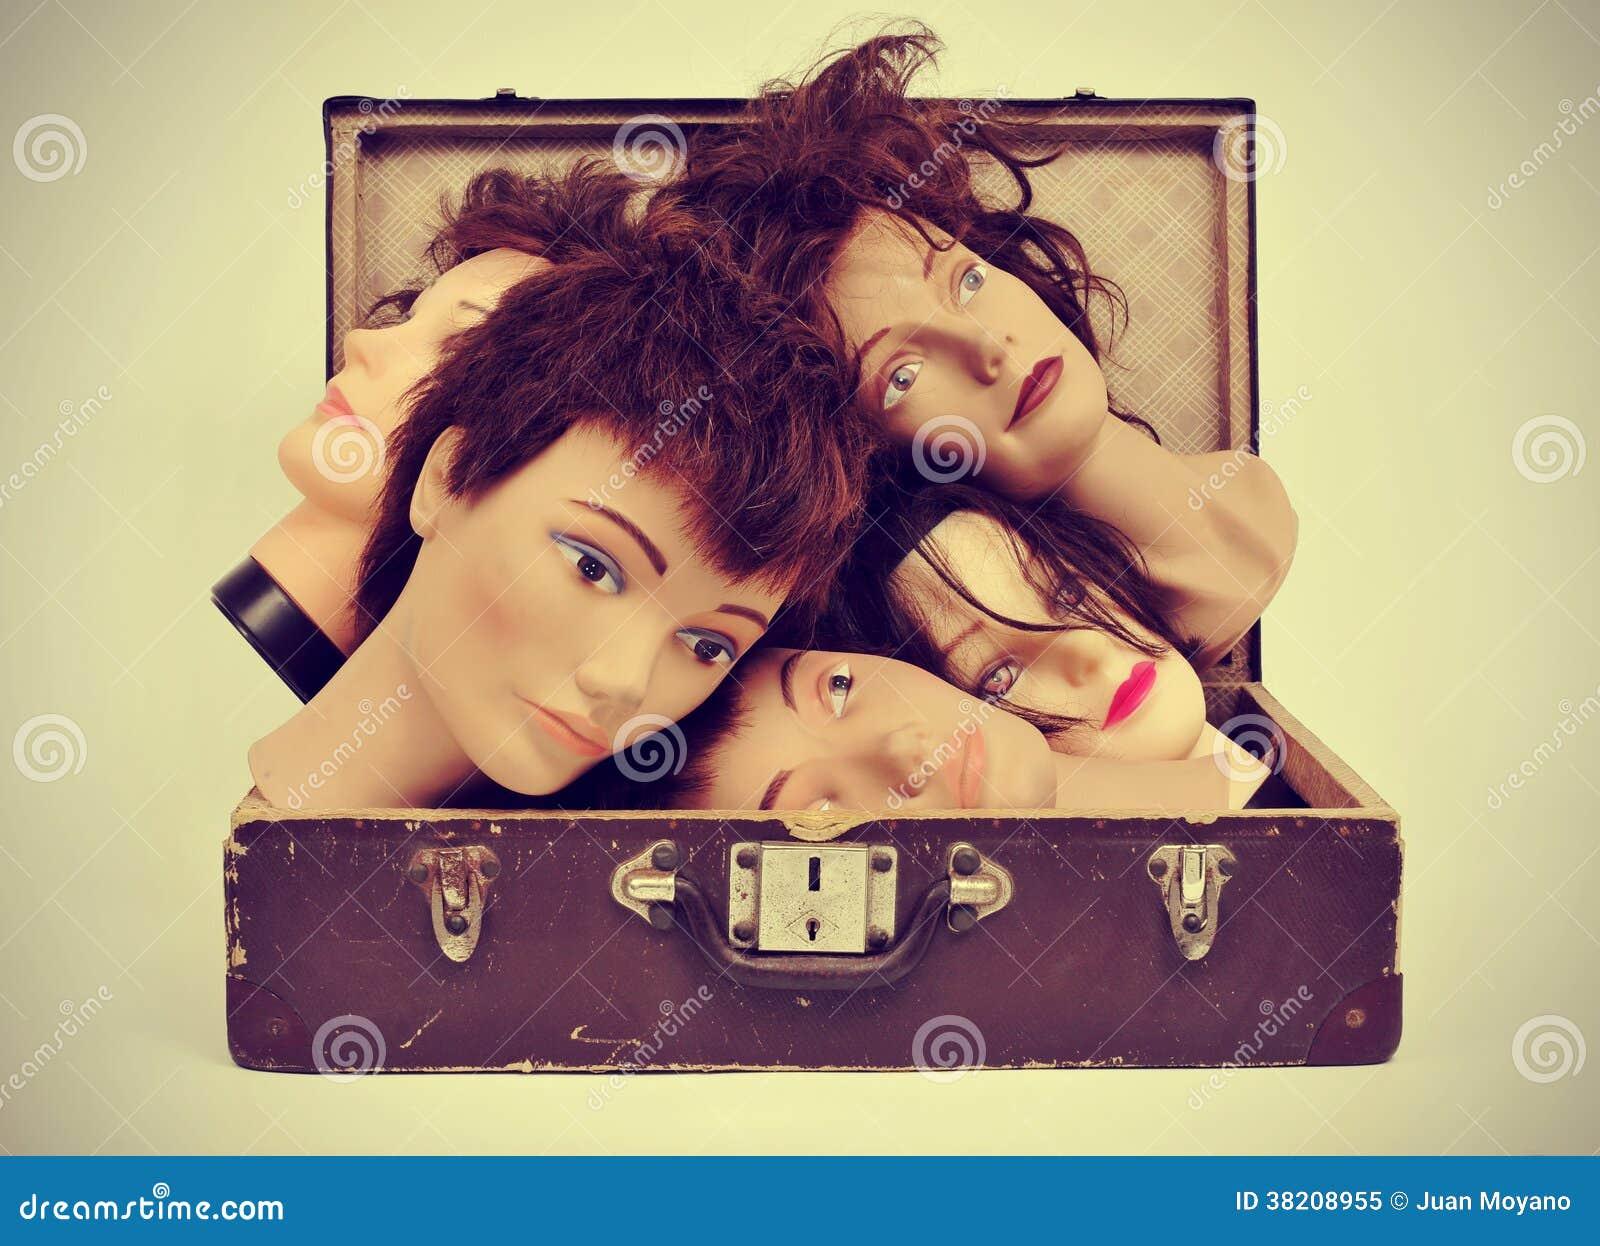 Teste del manichino in una vecchia valigia